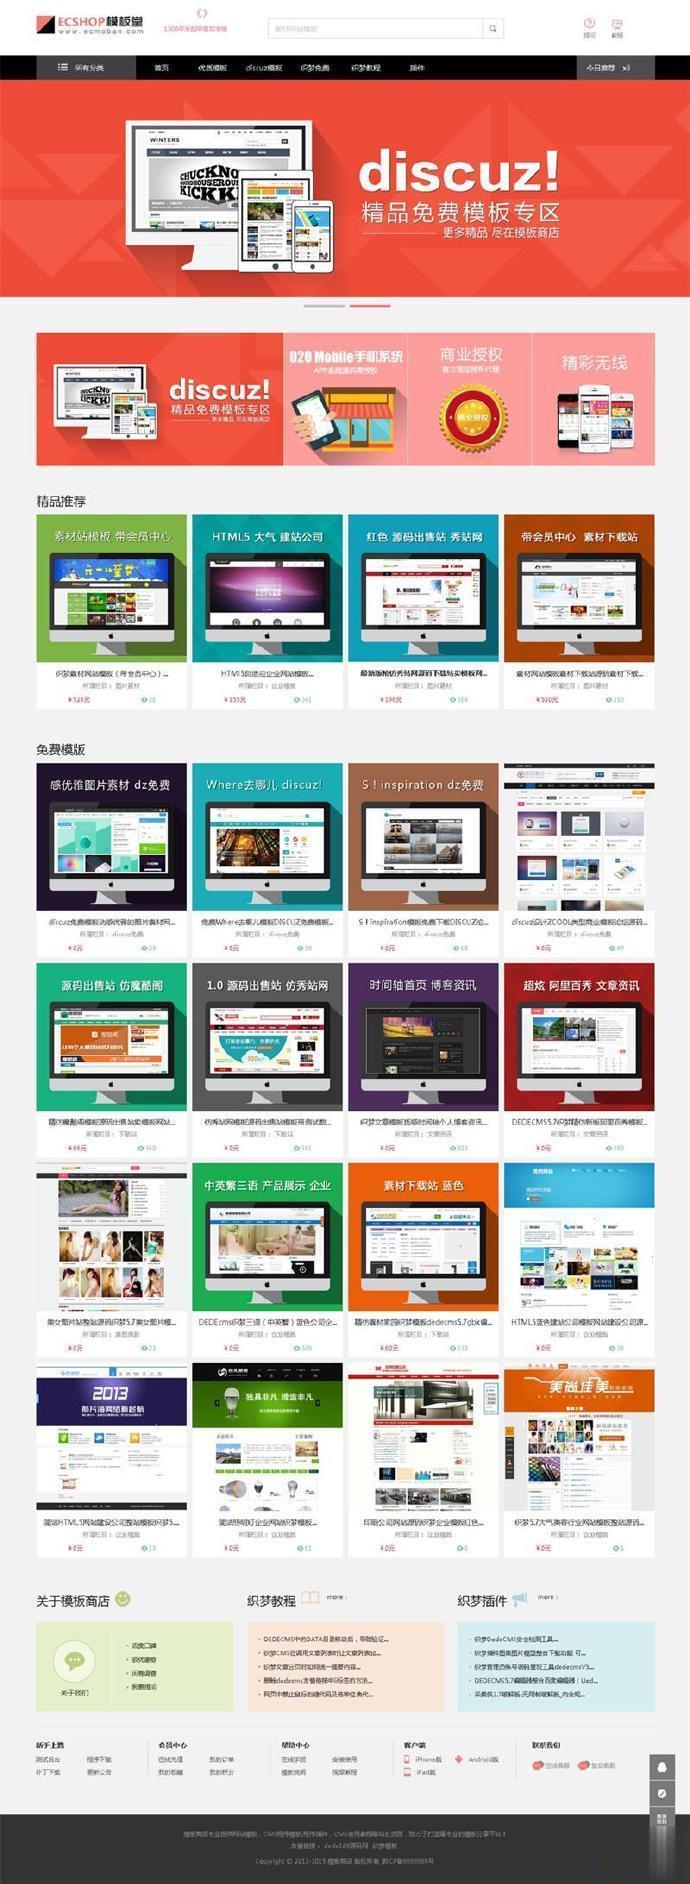 织梦dedecms仿模板堂整站源码模板交易类网站程序素材资源下载网源码+带手机移动站